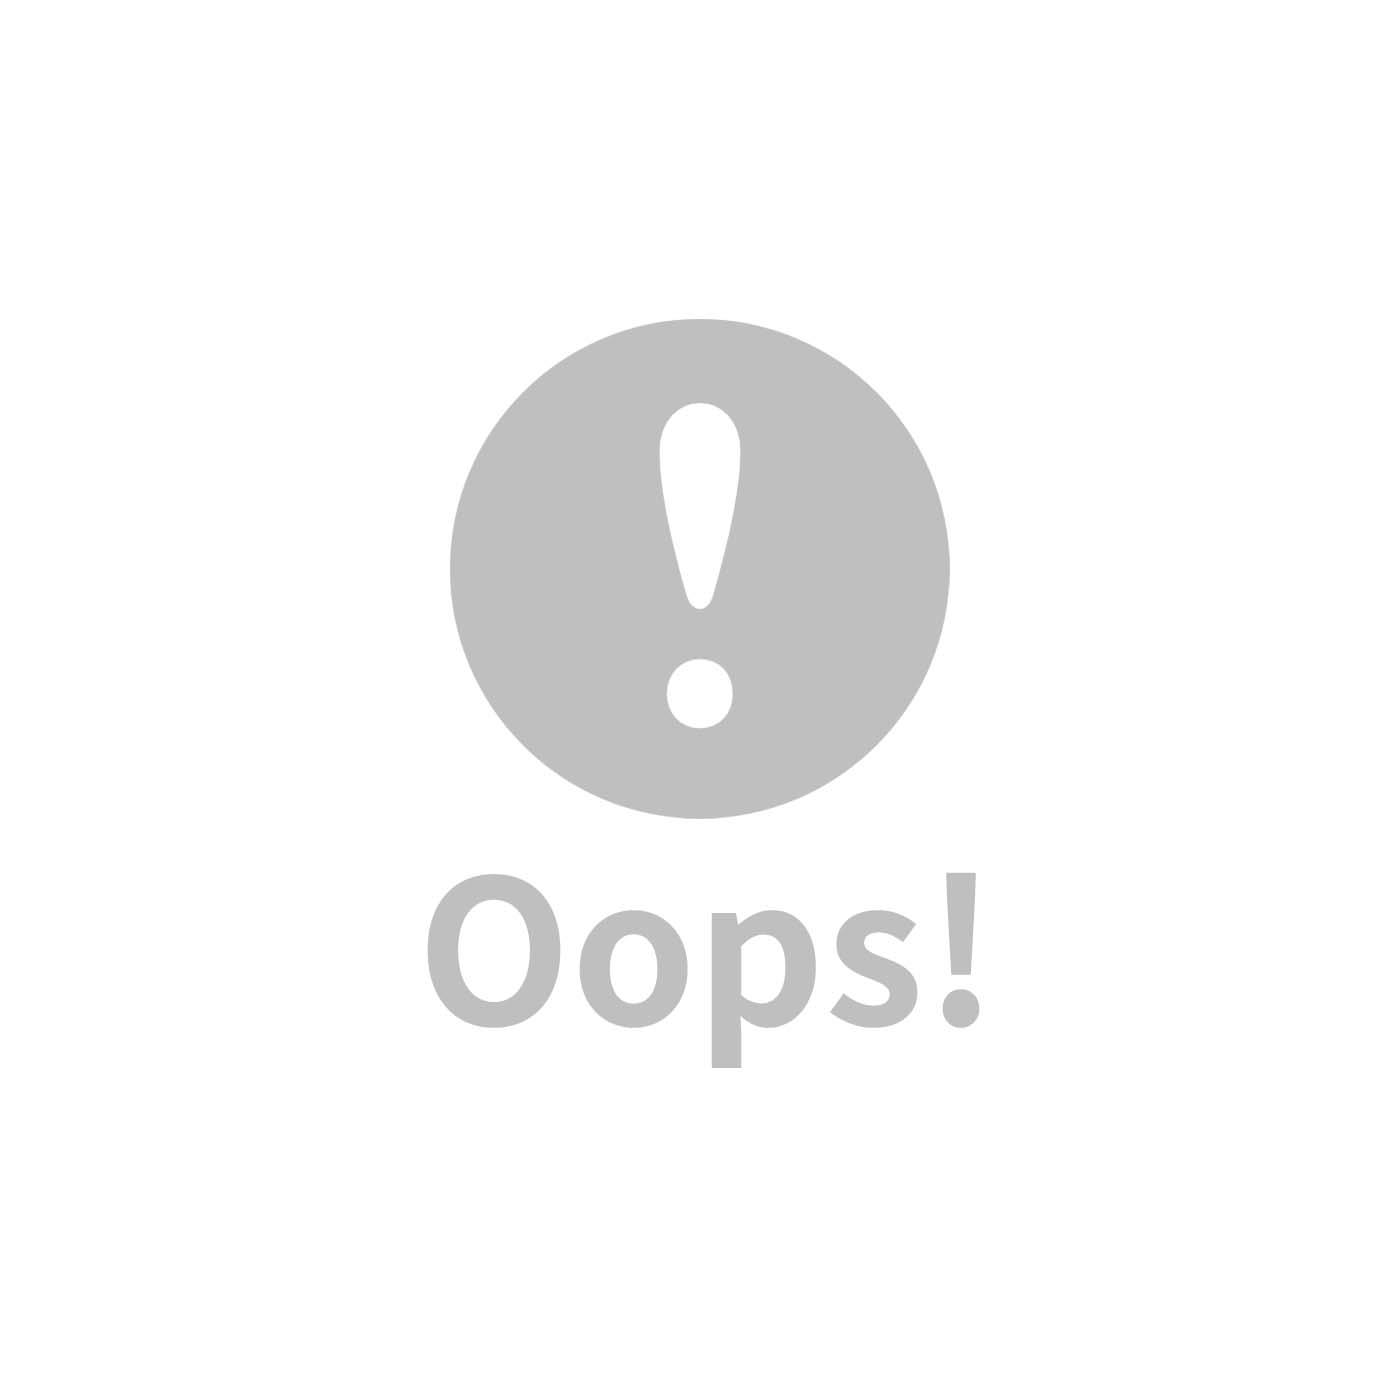 【此商品為預購,預計6/19出貨】La Millou 天使枕-限量款小鹿斑比(銀河星空灰)